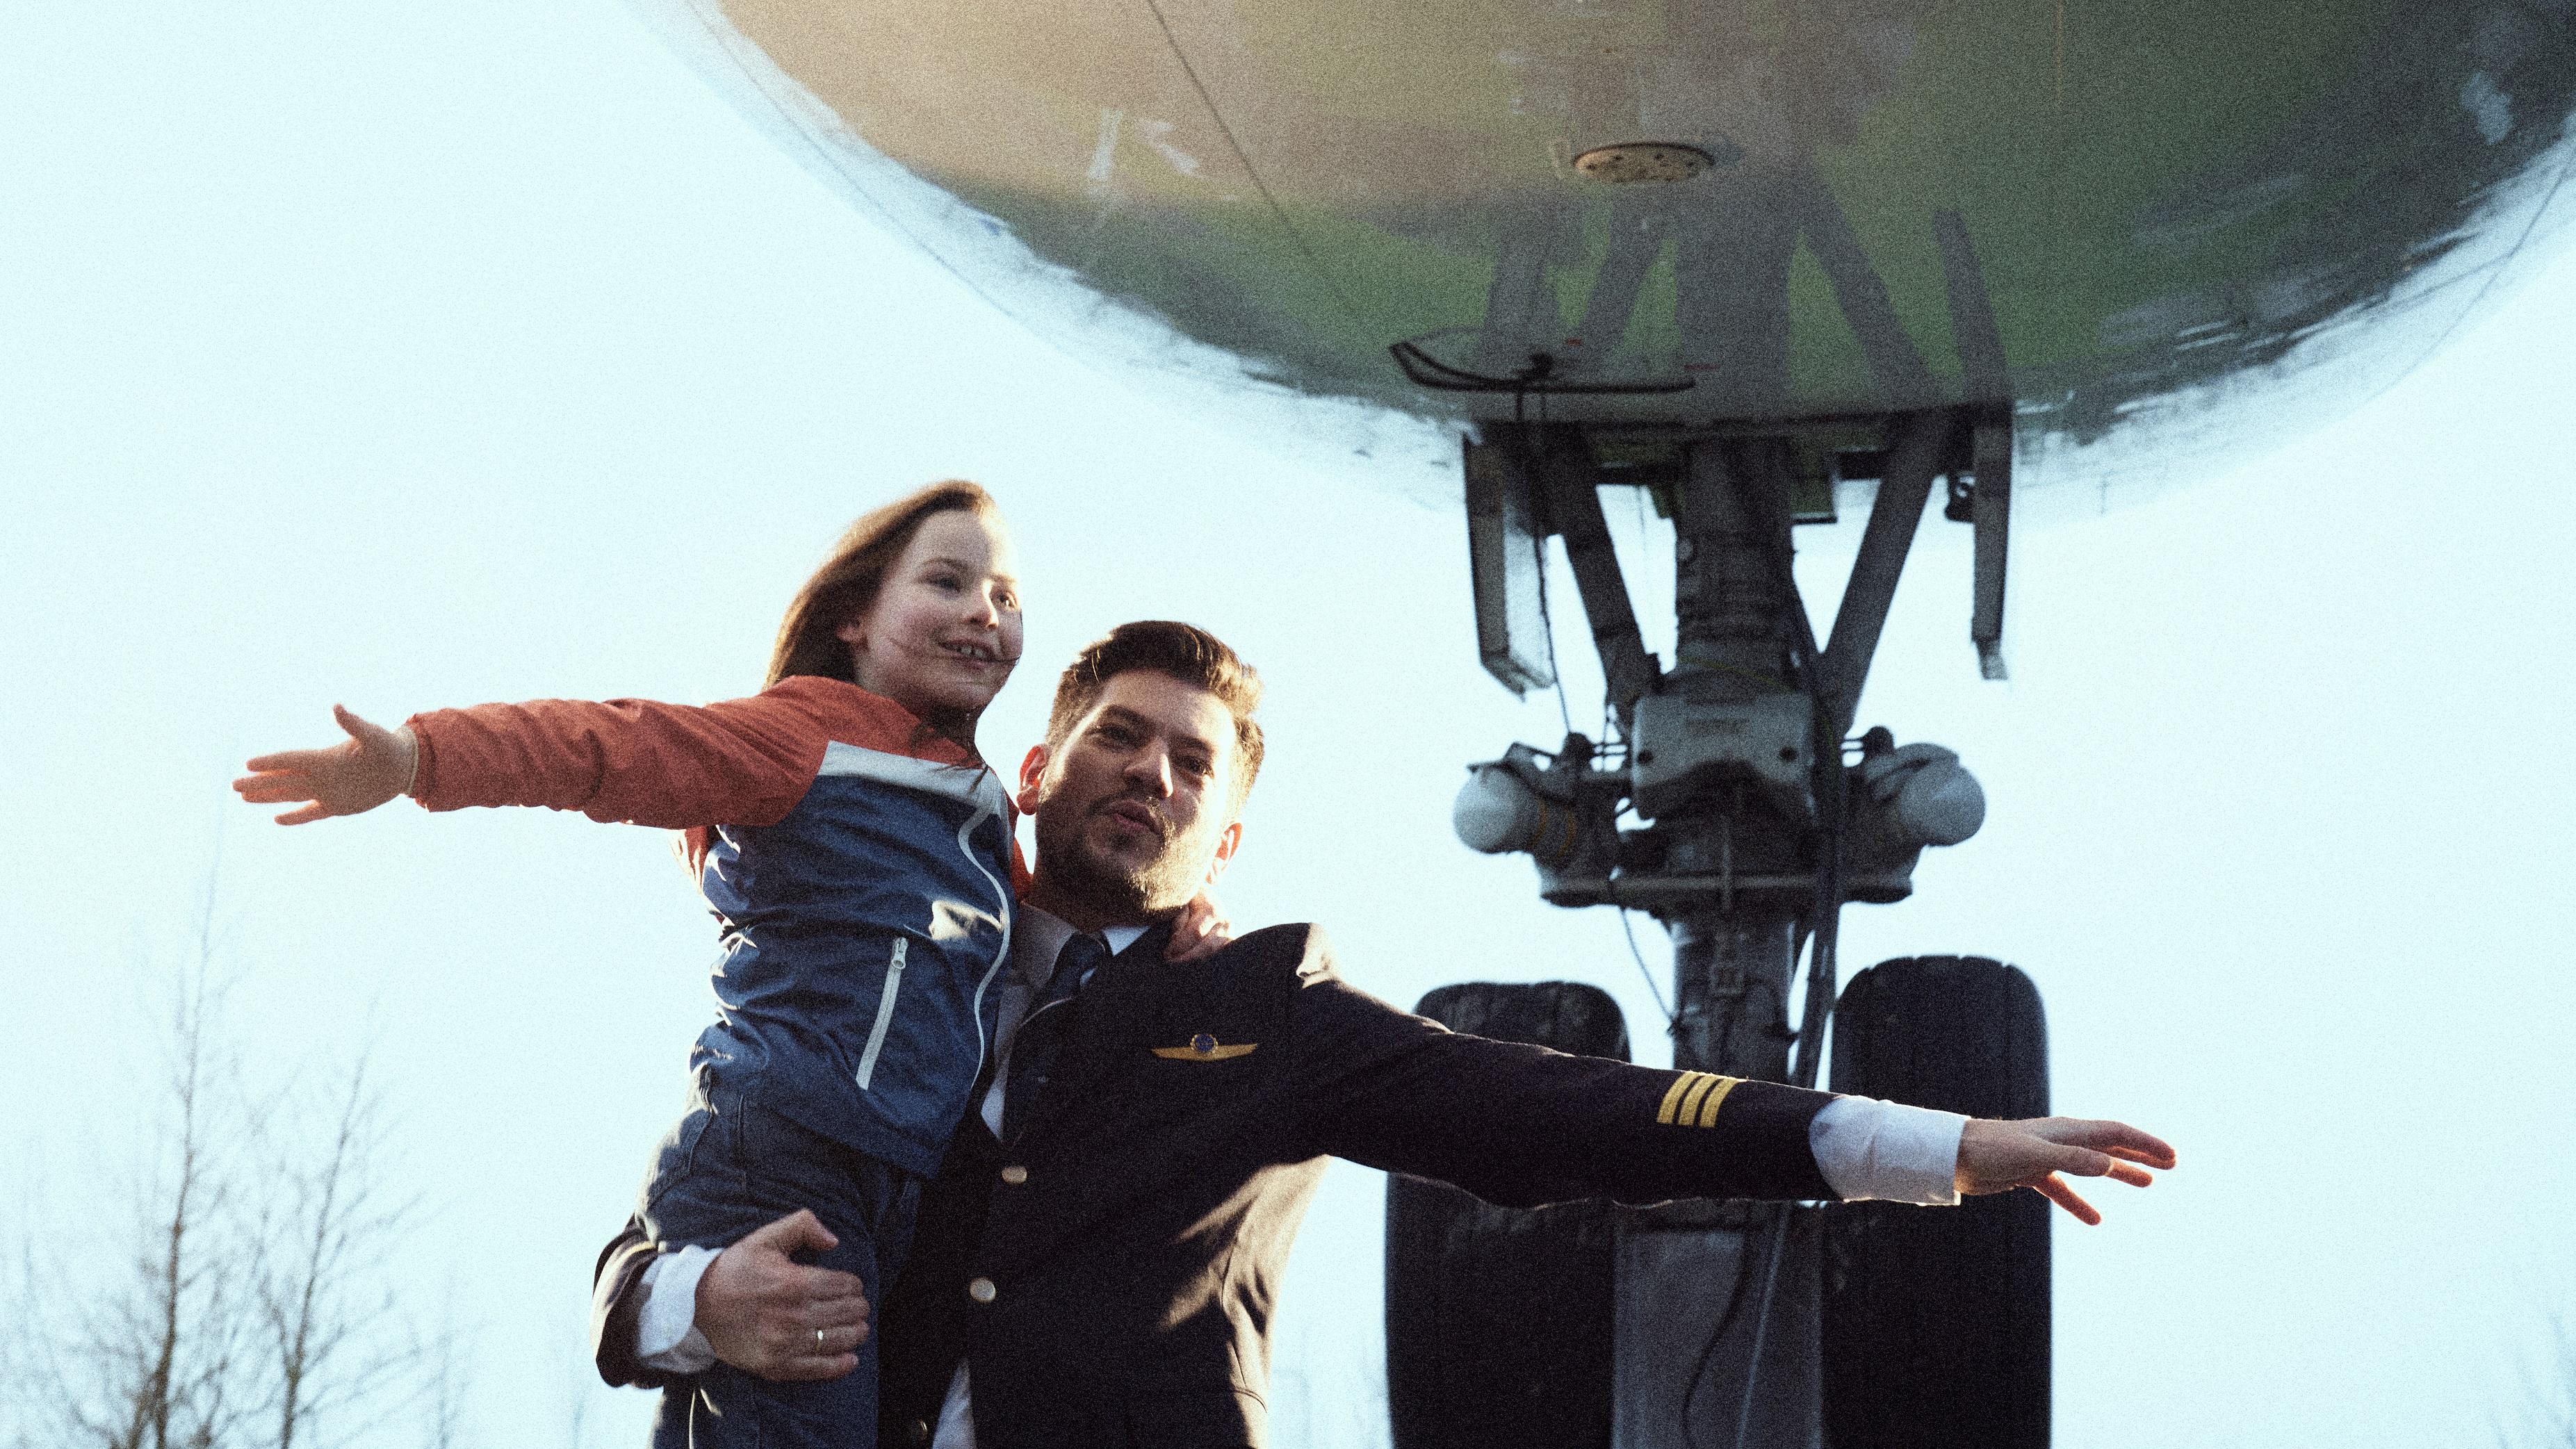 Een piloot staat met een klein meisje in zijn armen onder een stilstaand vliegtuig. Ze spreiden hun armen wijd als de vleugels van een vliegtuig.